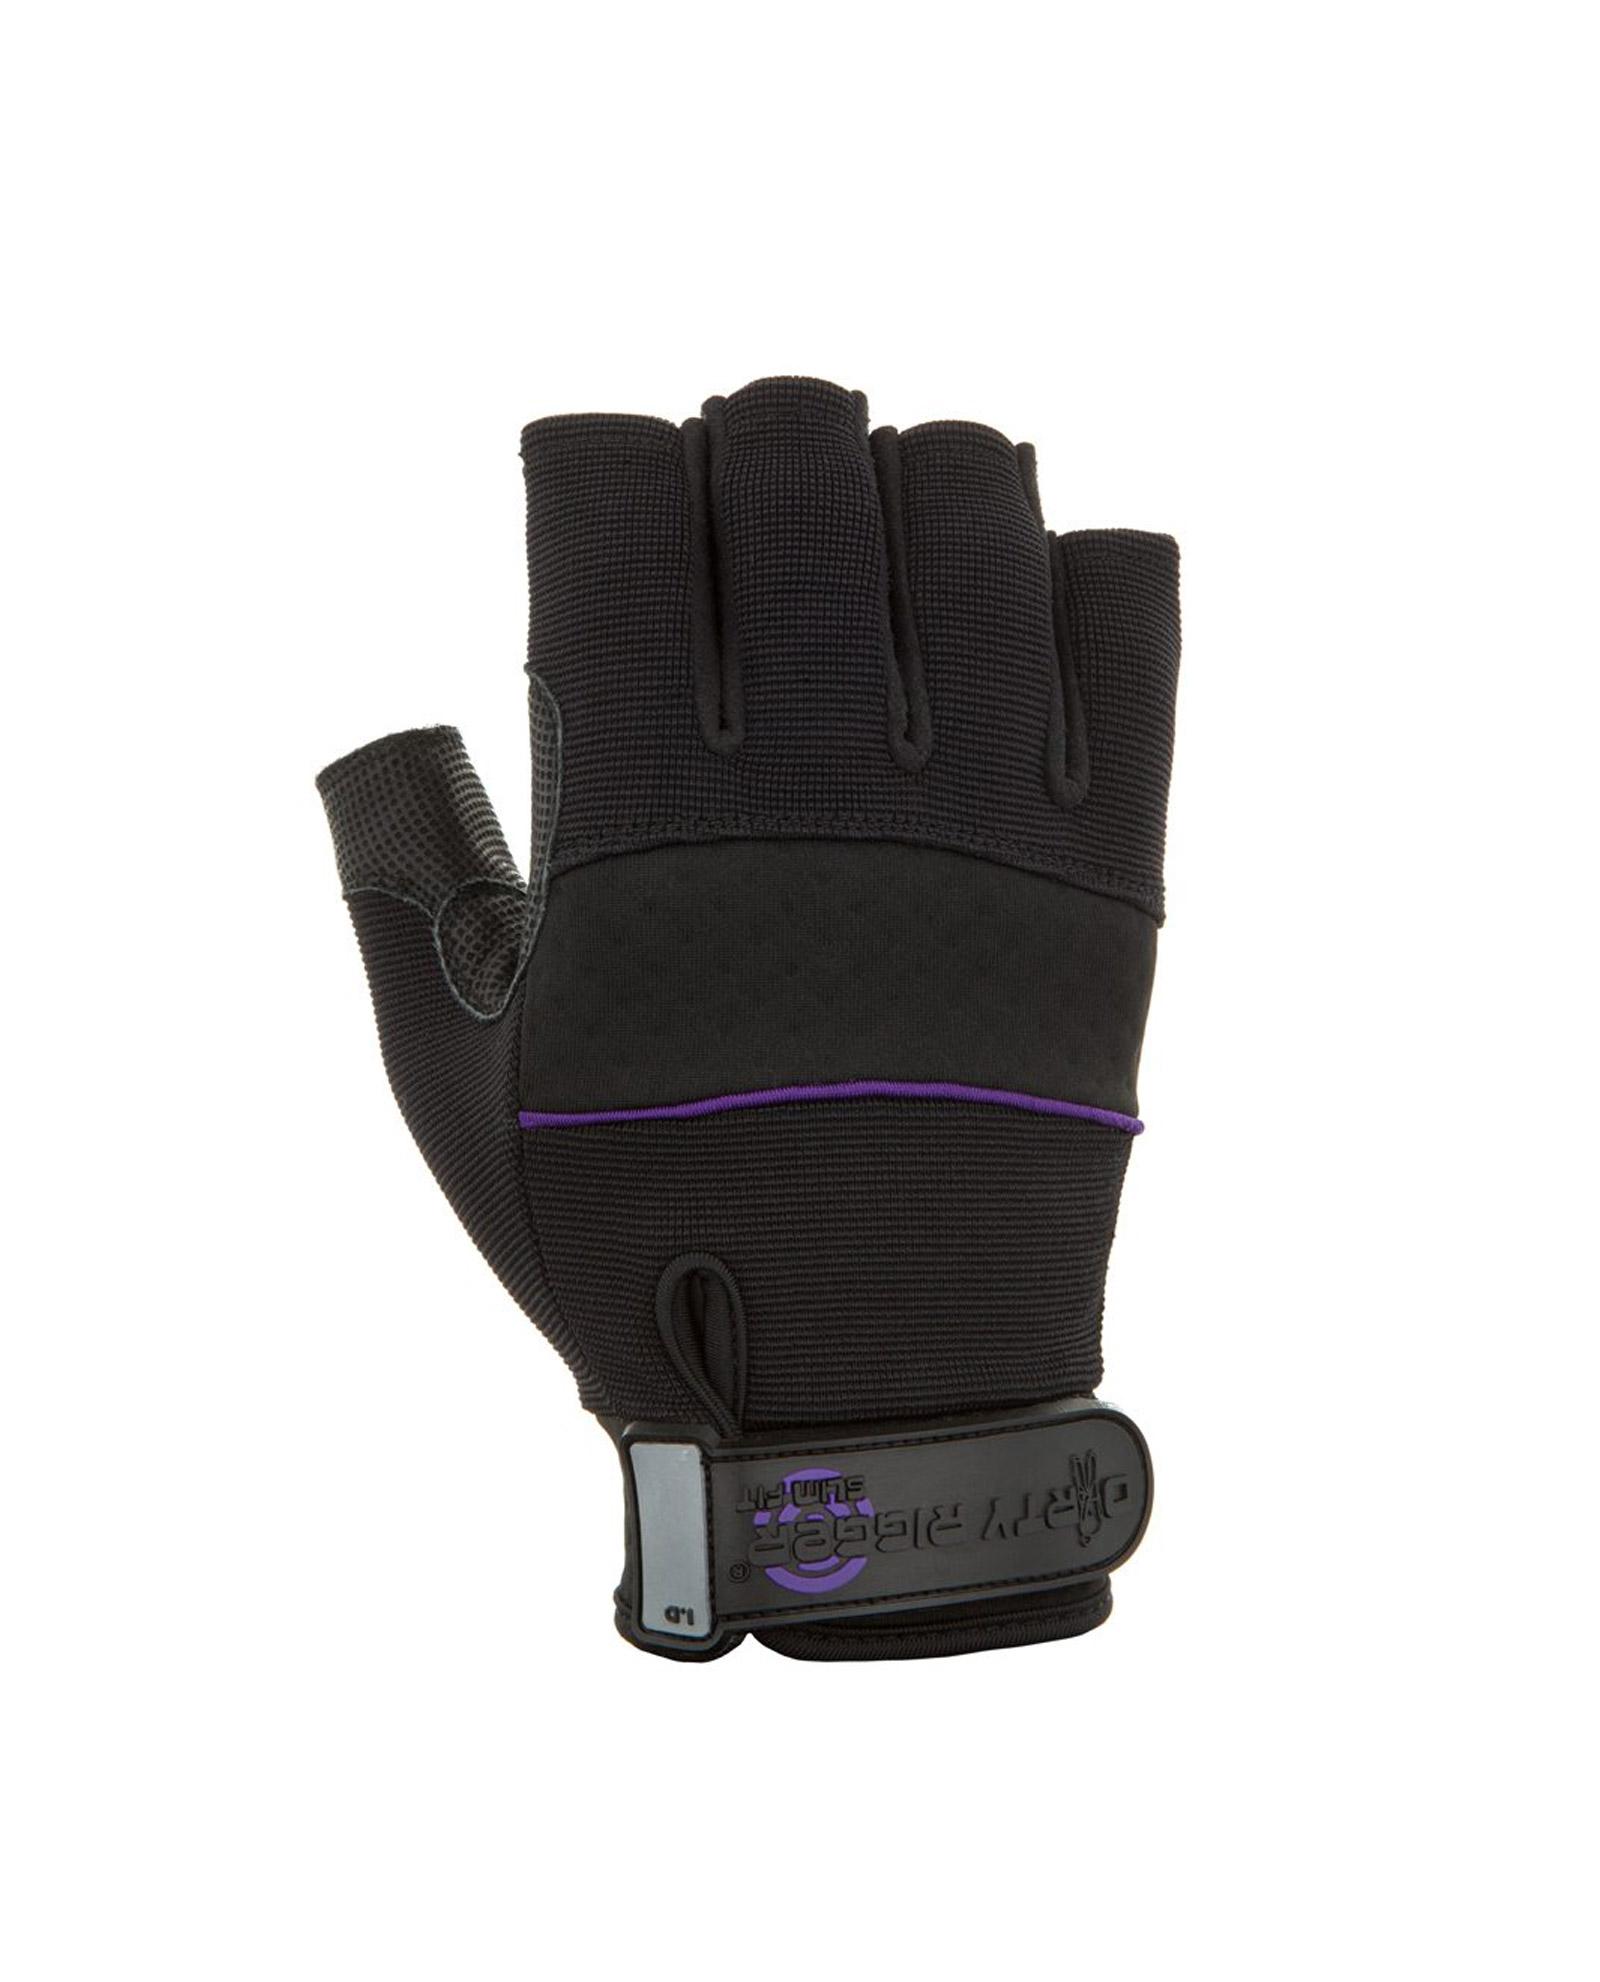 Dirty Rigger Glove Dty Slimfls Slimfit™ Rigger Glove Fingerless